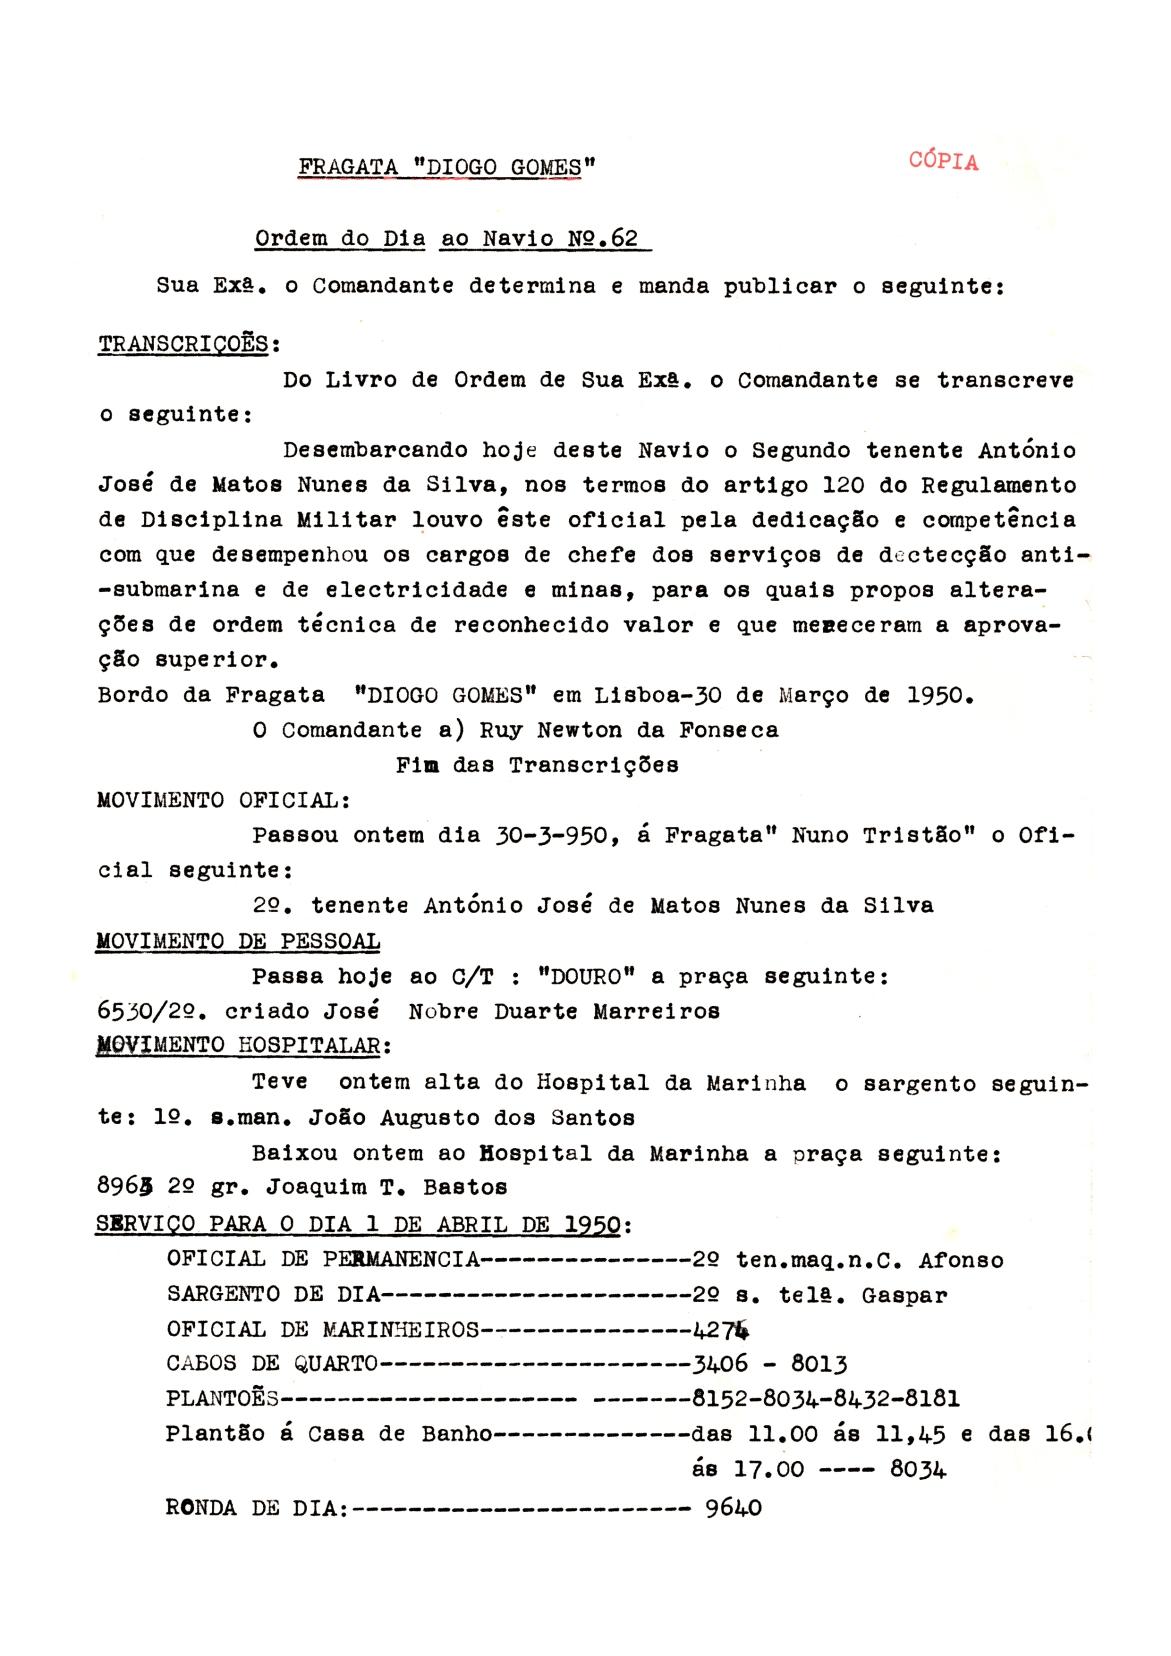 00182 950-03-30 Louvor ao 2º Ten Nunes da Silva -extracto da cópia da Ordem do Dia ao Navio da Diogo Gomes